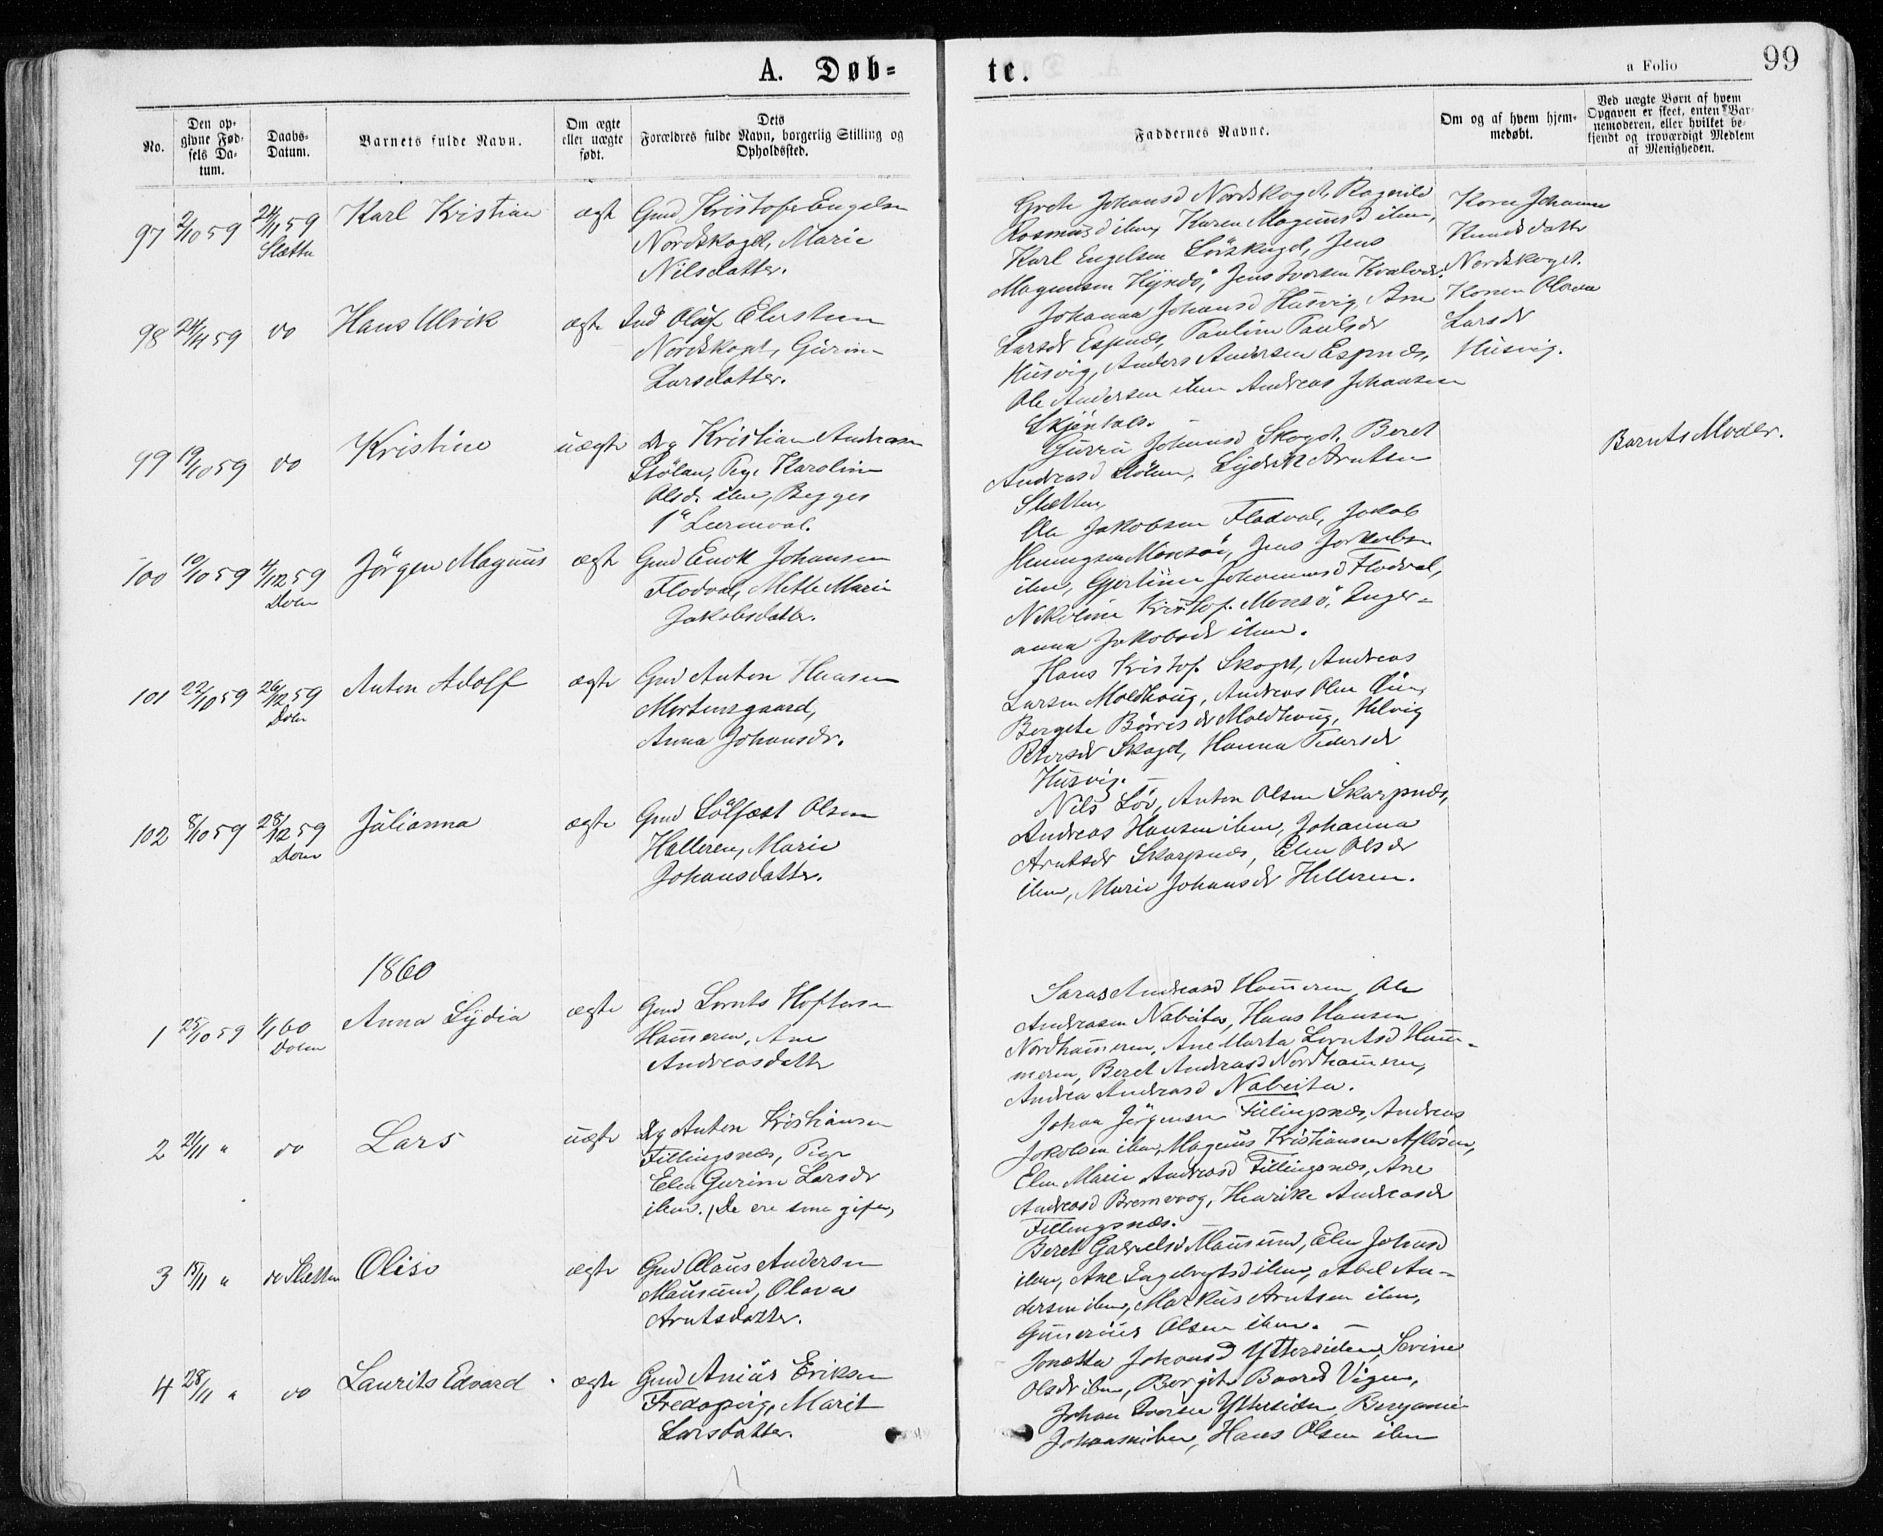 SAT, Ministerialprotokoller, klokkerbøker og fødselsregistre - Sør-Trøndelag, 640/L0576: Ministerialbok nr. 640A01, 1846-1876, s. 99